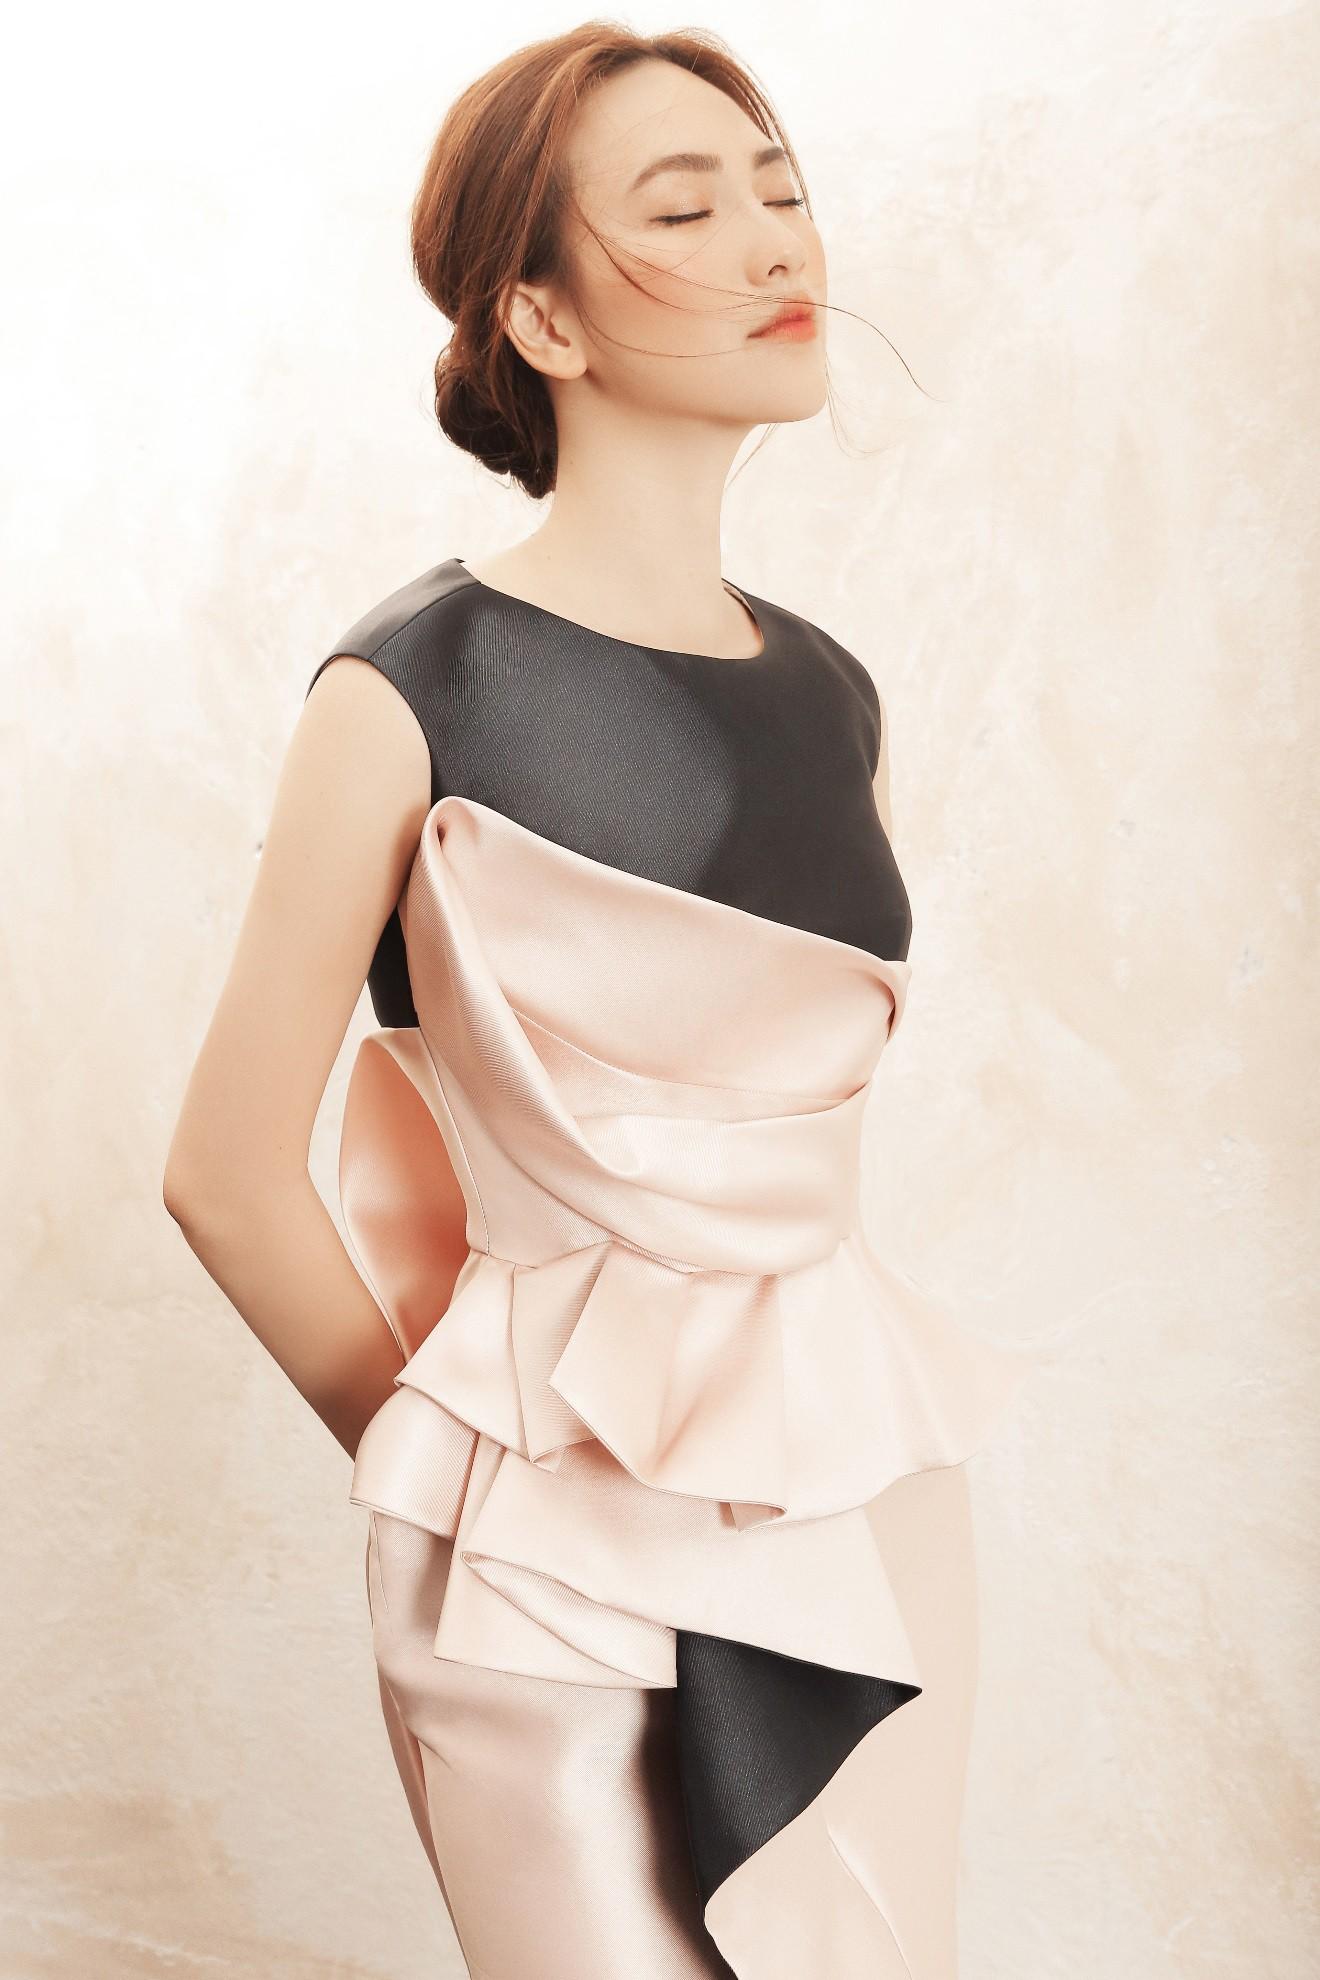 """Sau """"Chàng vợ của em"""", Phương Anh Đào đầy xinh đẹp, cuốn hút trong BST từng xuất hiện trên Vogue của PHUONG MY - Ảnh 5."""